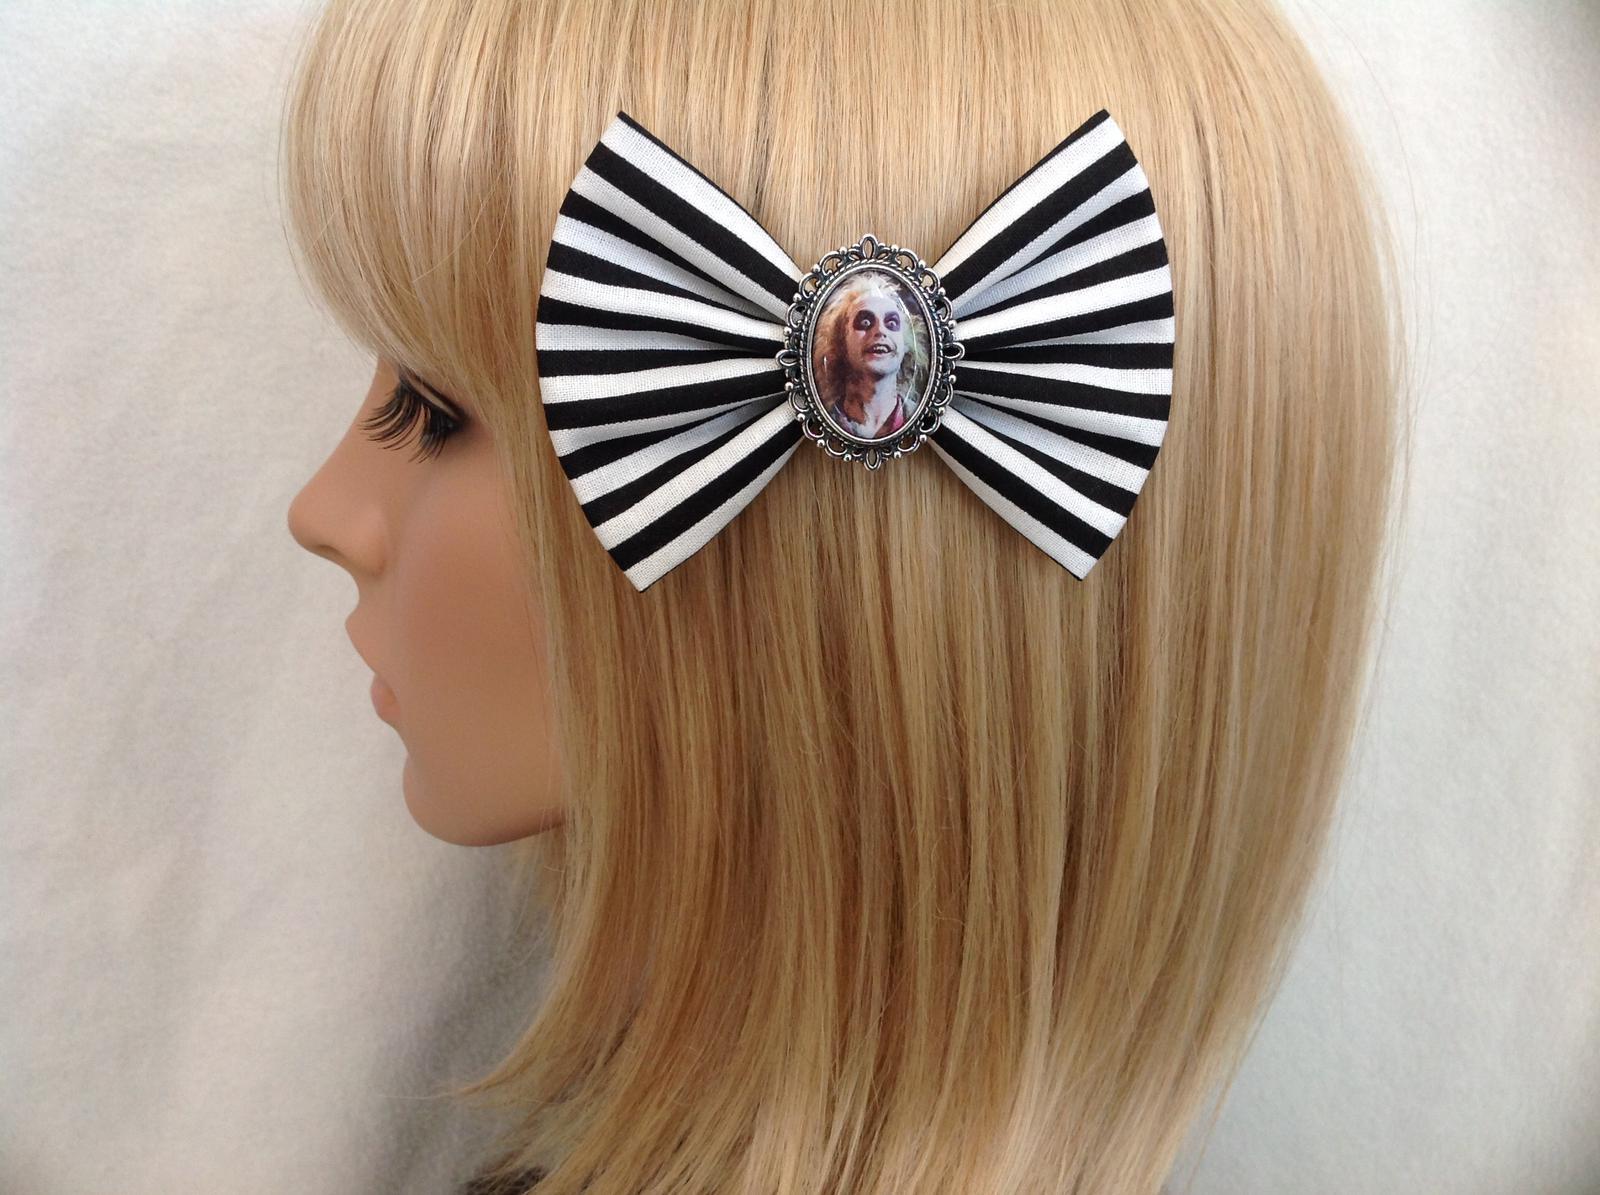 Beetlejuice hair bow